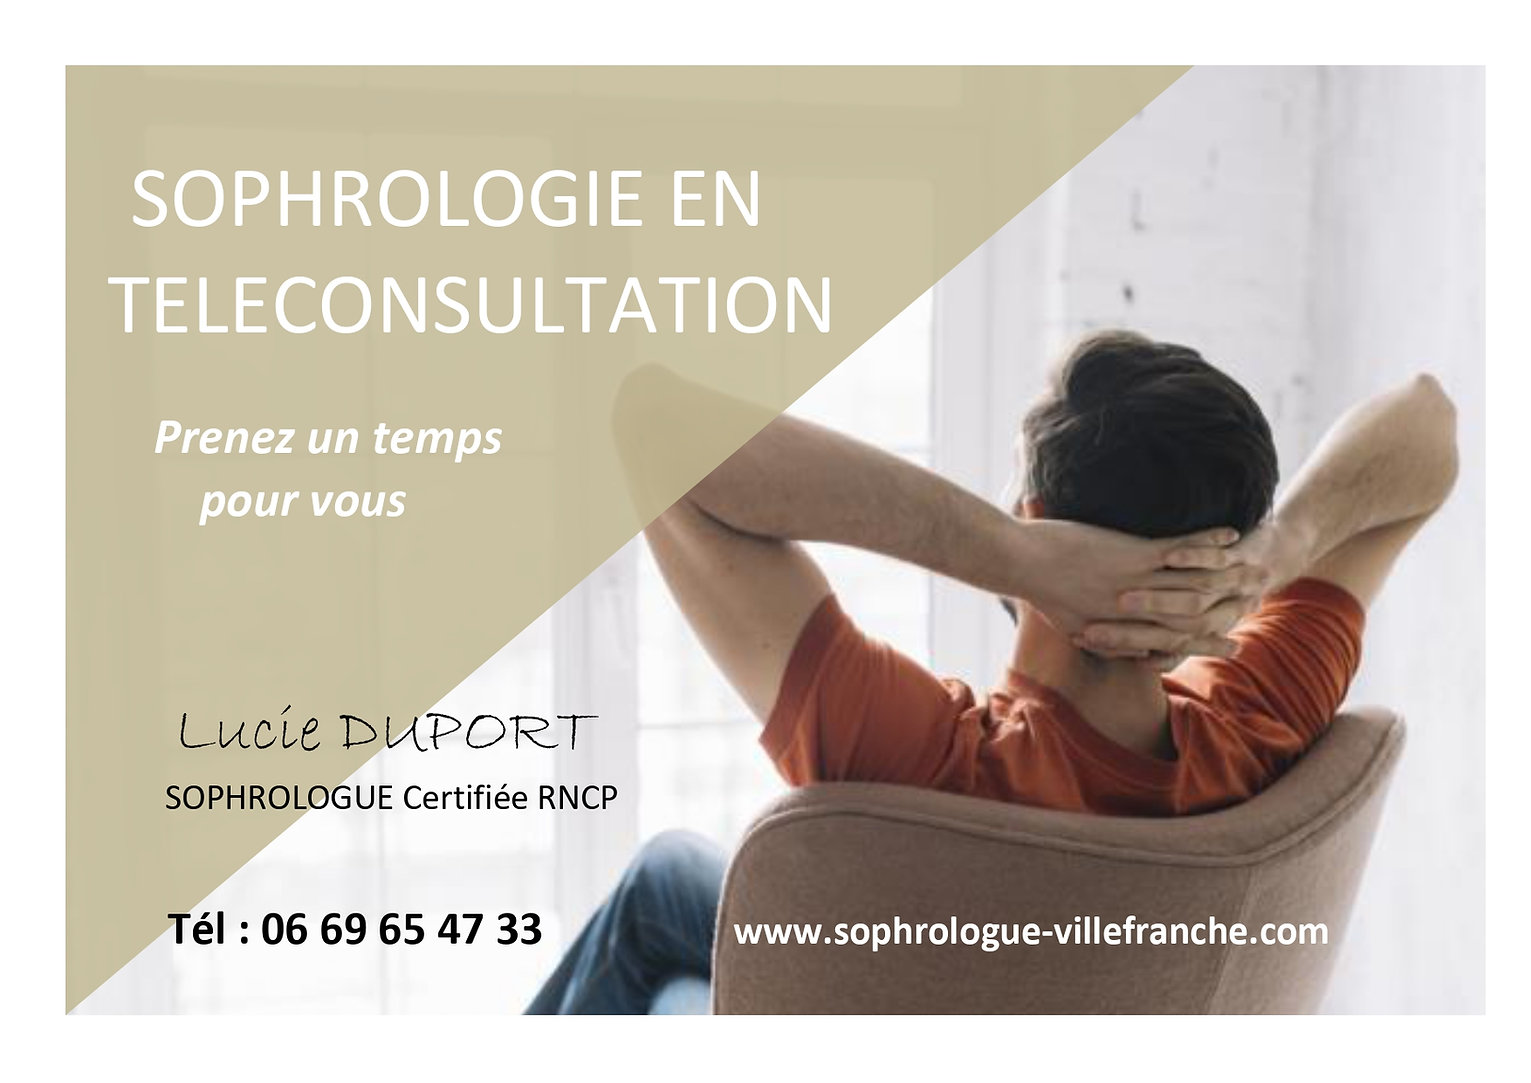 sophrologie_en_téléconsultation.jpg